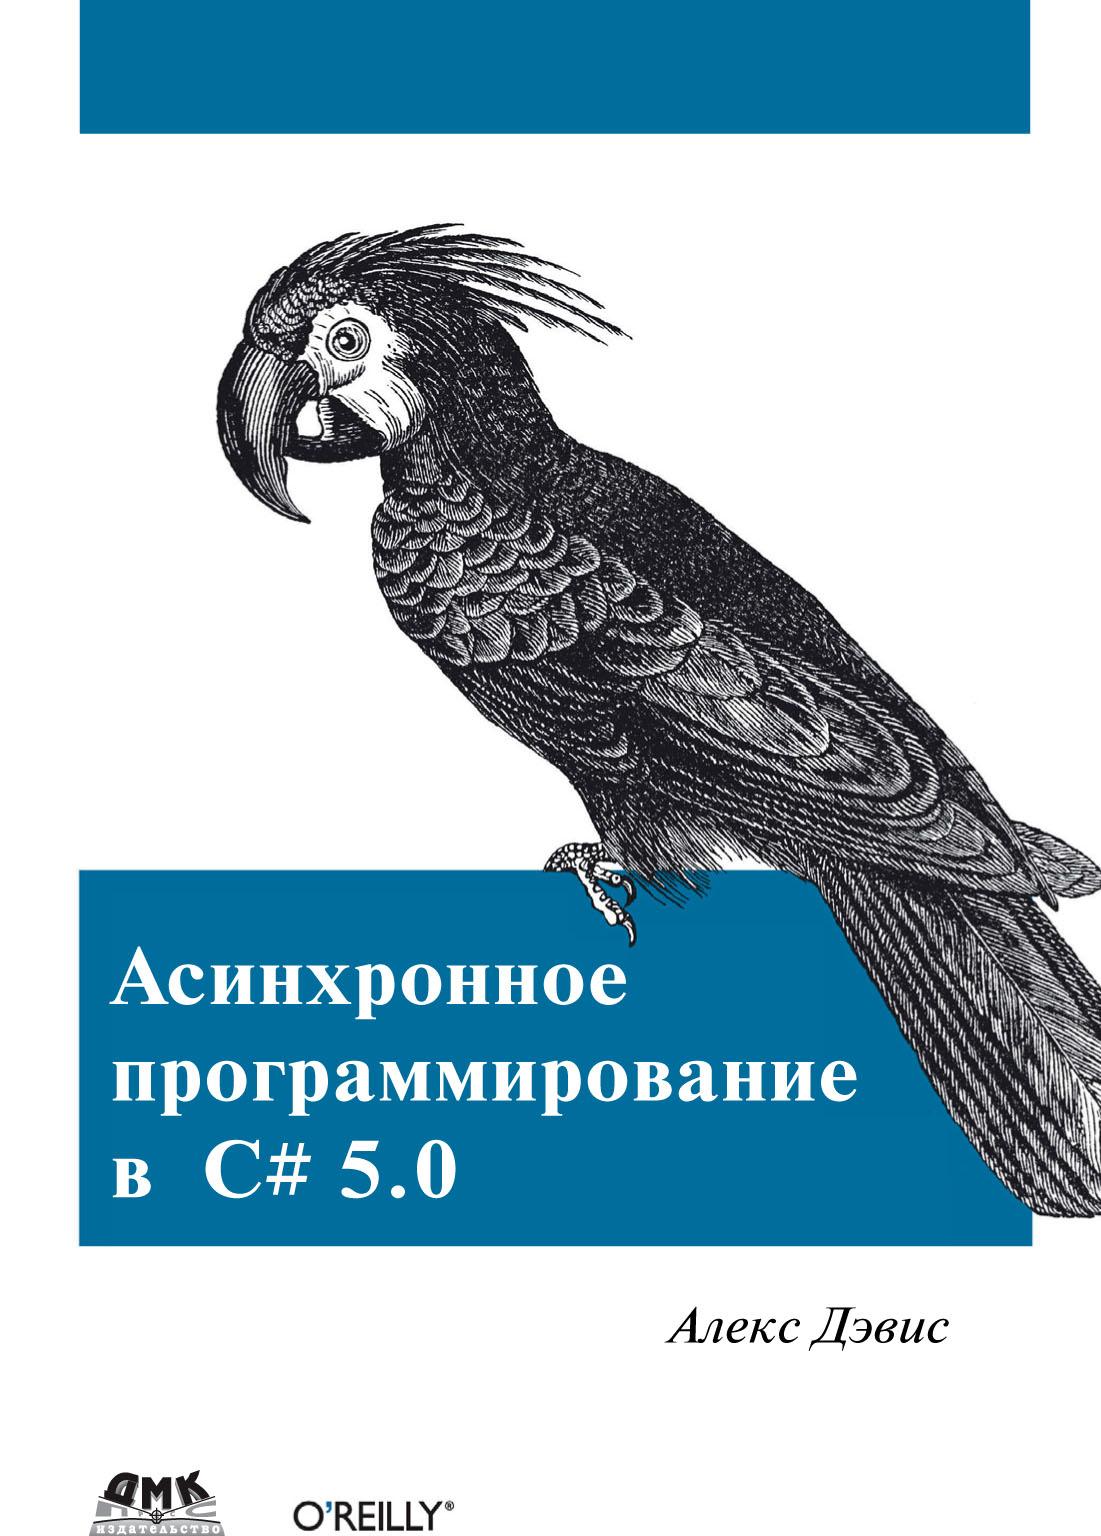 Алекс Дэвис Асинхронное программирование в C# 5.0 все цены